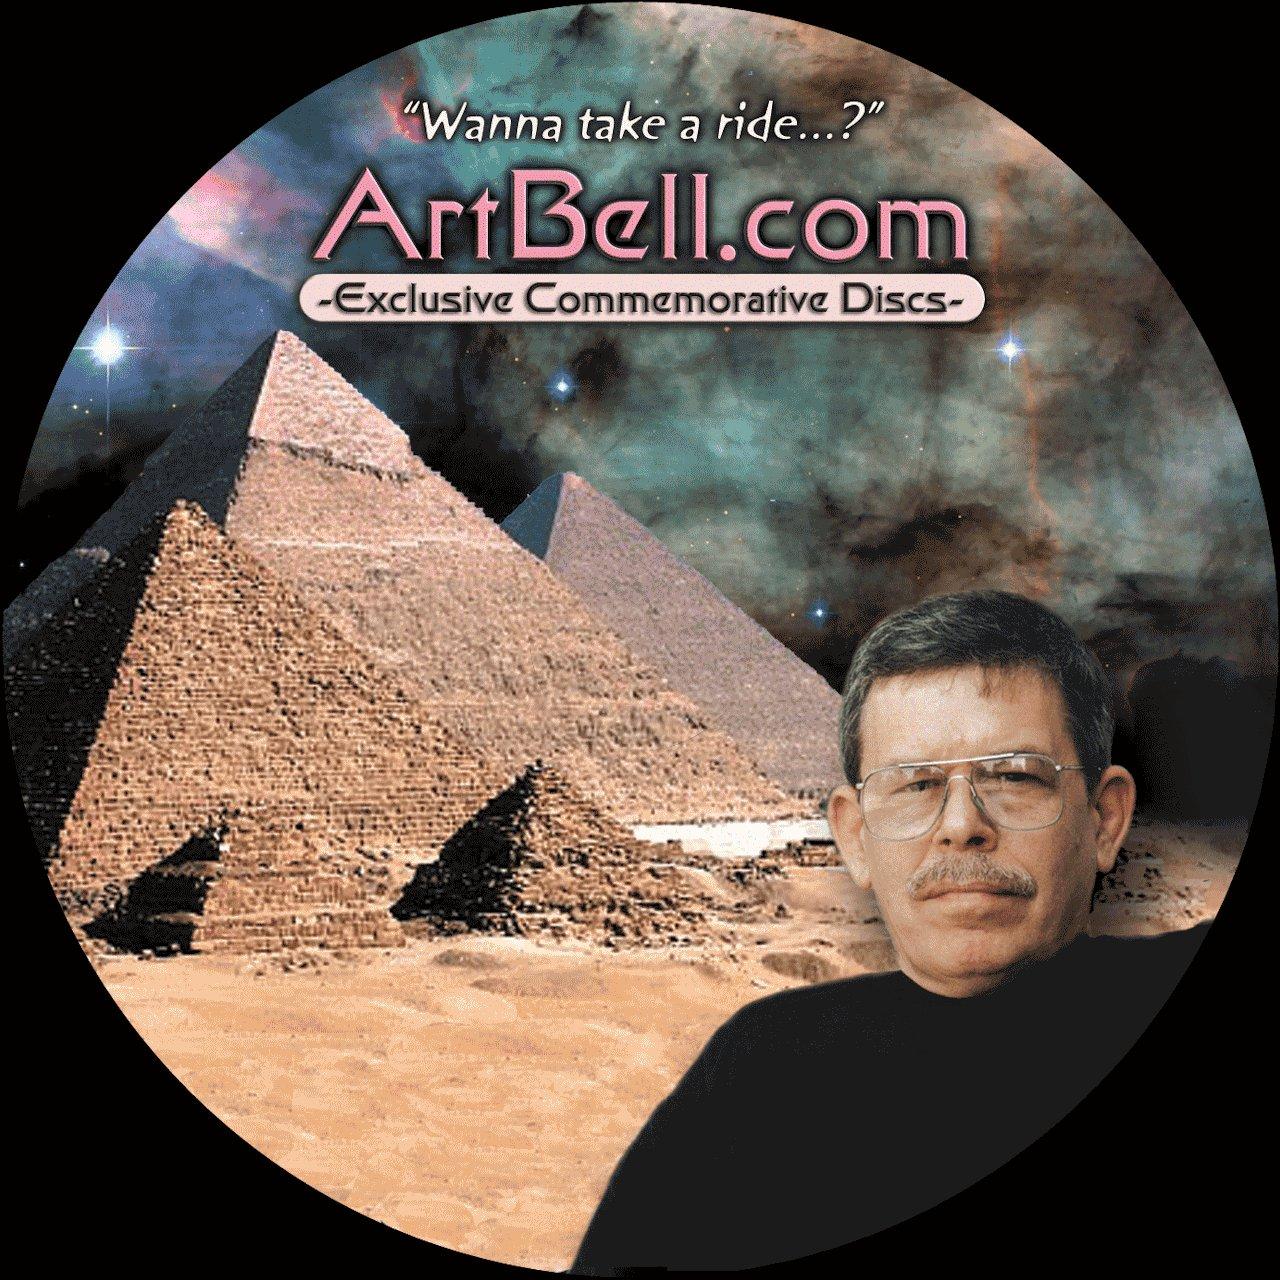 Artbell.com Commemorative Disc